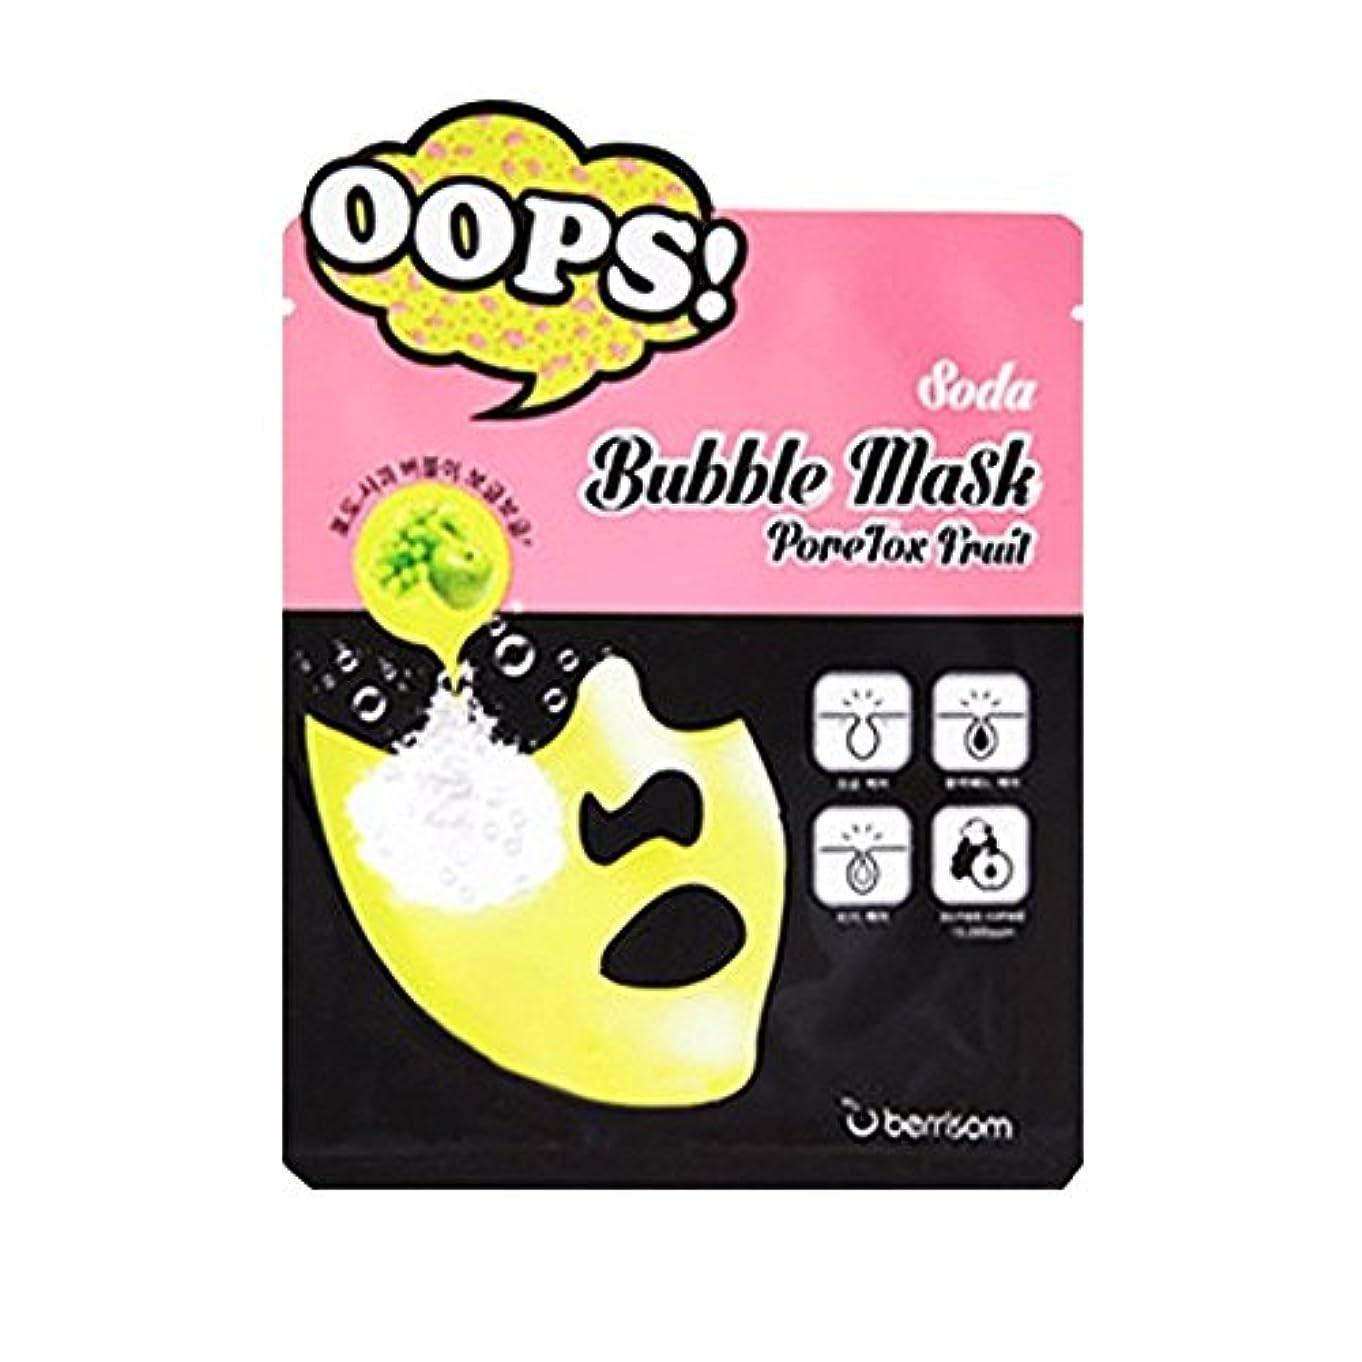 ブルジョン有益なクリックBerrisom Oops Soda Bubble Mask - 1pack (5pcs) poretox Fruit /ベリーサム Oops ソーダ バブル マスク - 1pack (5pcs) poretox Fruit